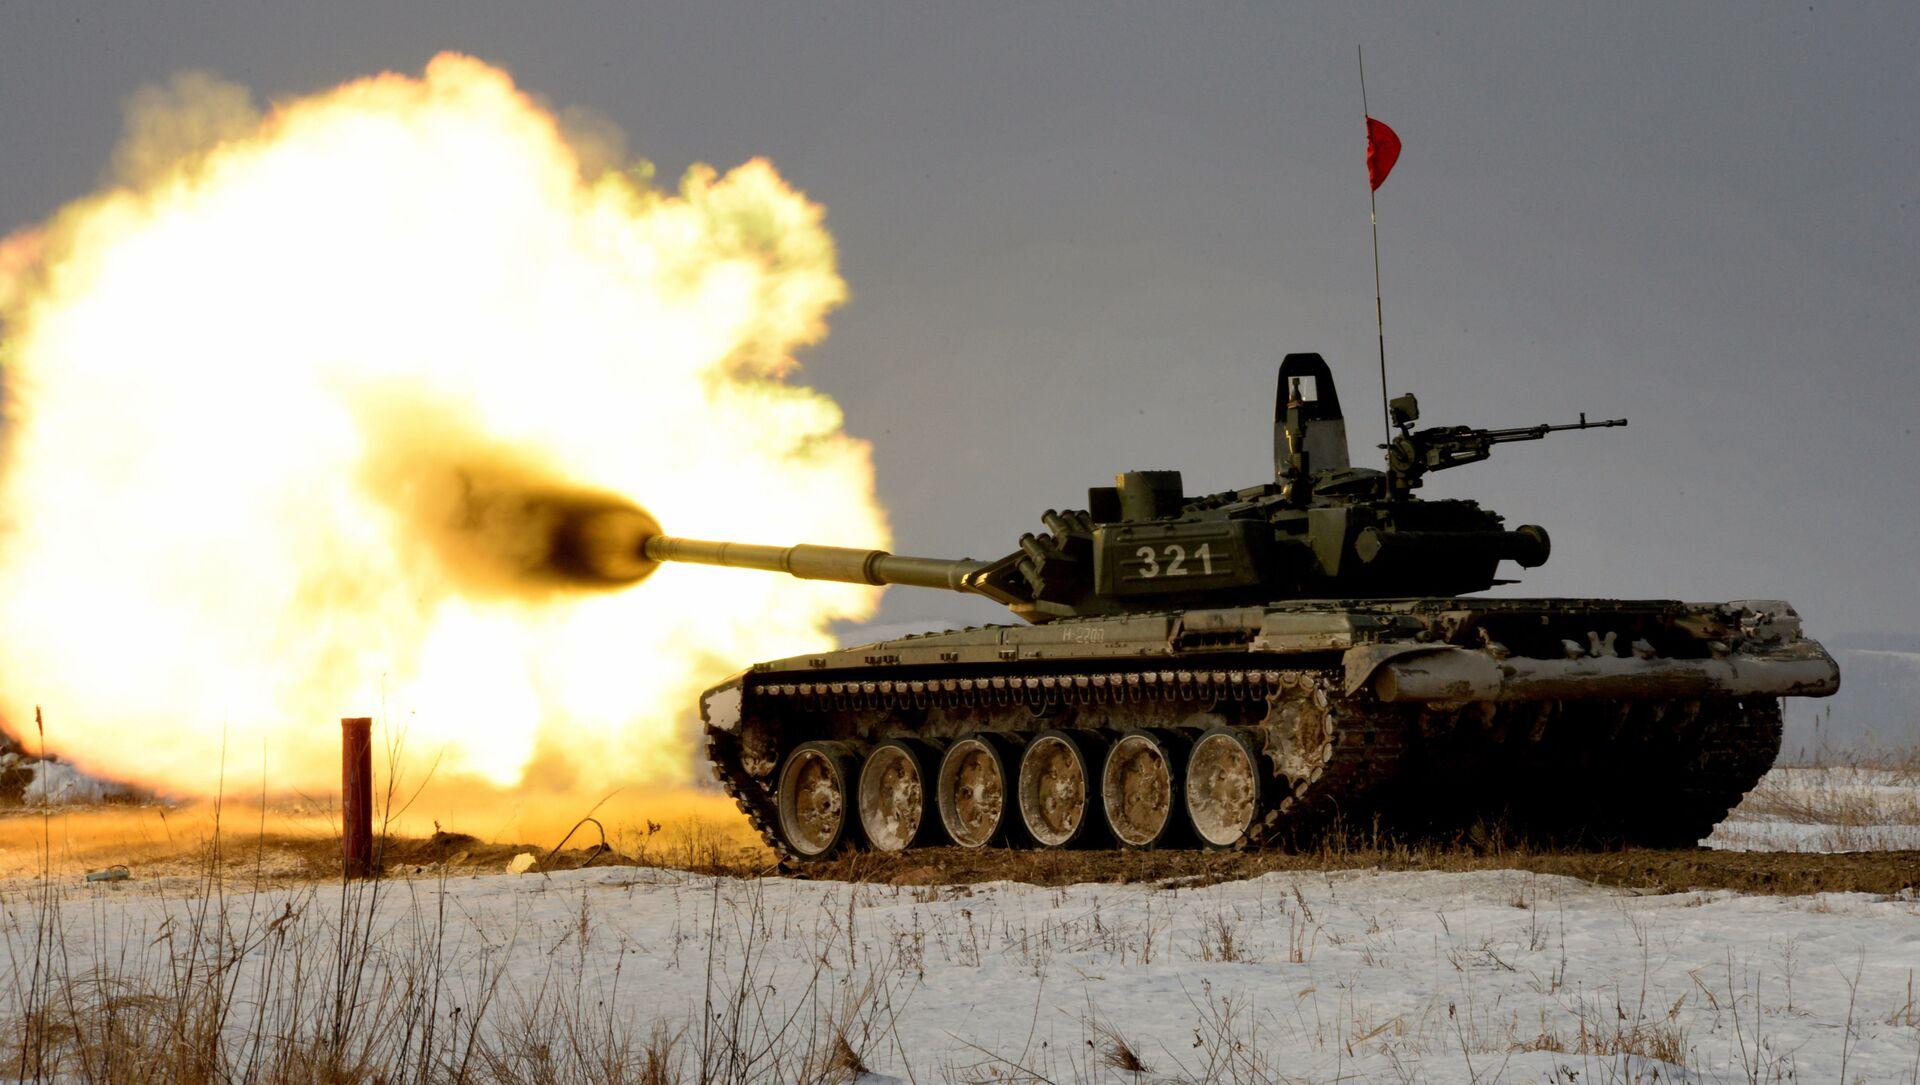 Тенк Т-72 током тенковског биатлона на полигону Источног војног округа у Русији - Sputnik Србија, 1920, 08.07.2021